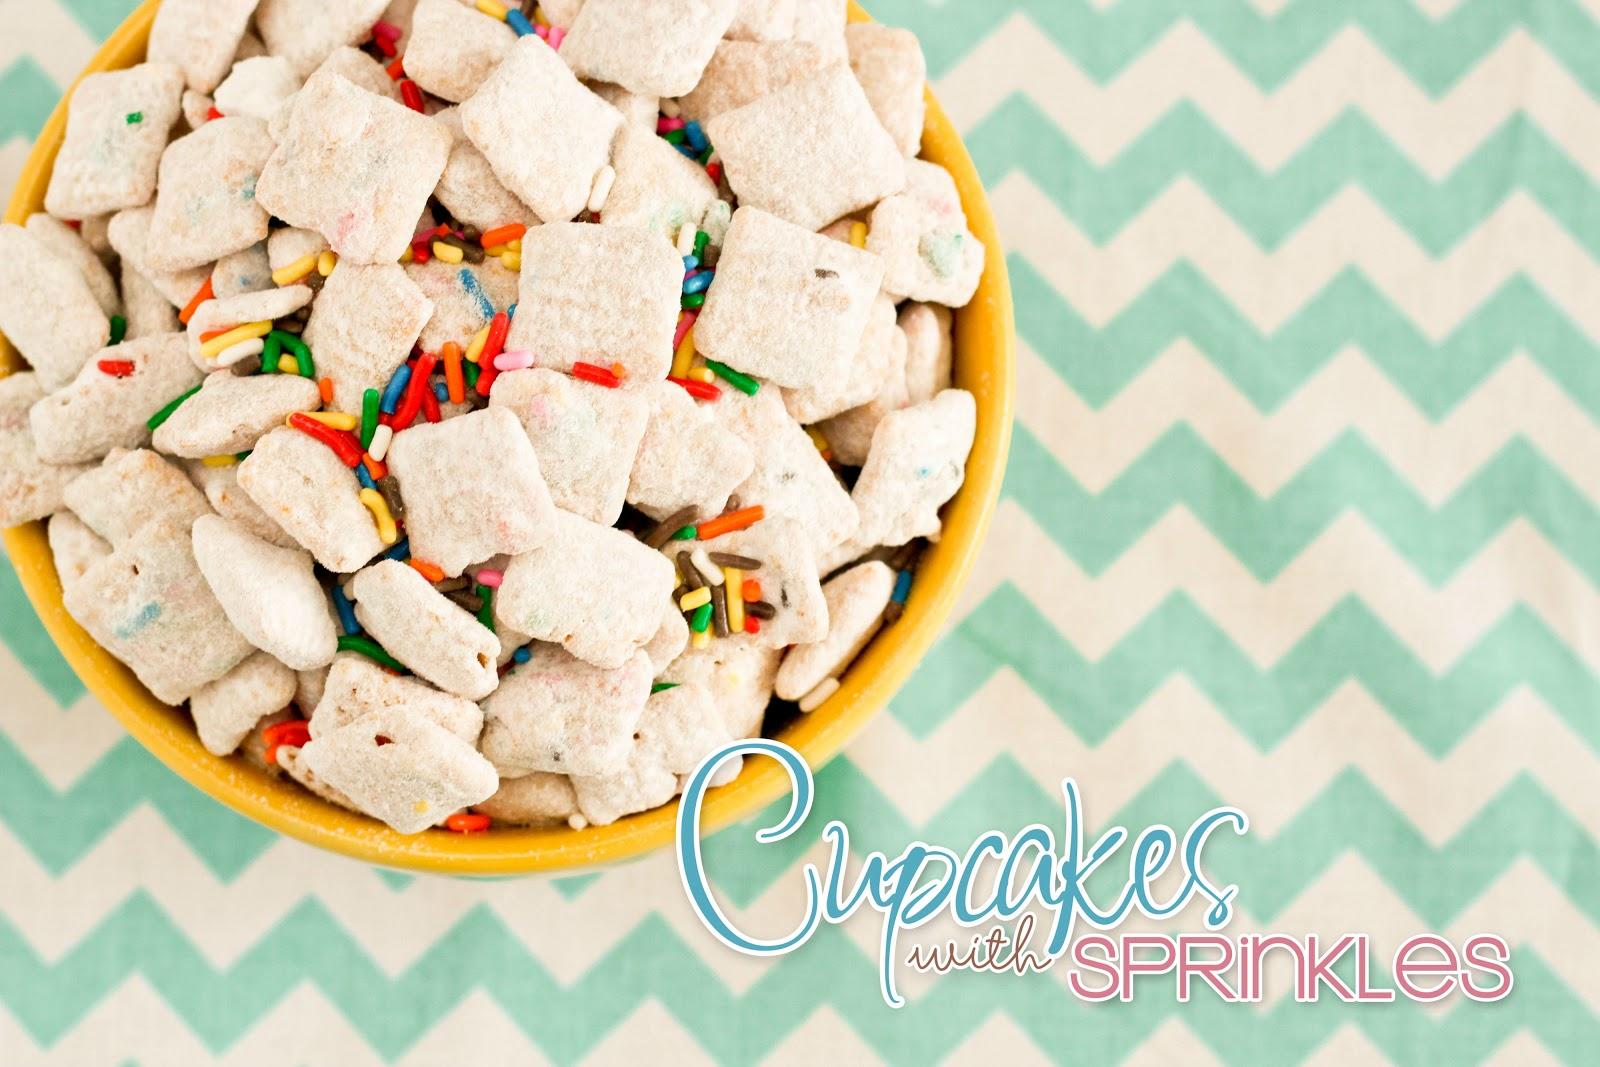 Cupcakes With Sprinkles Funfetti Muddy Buddies